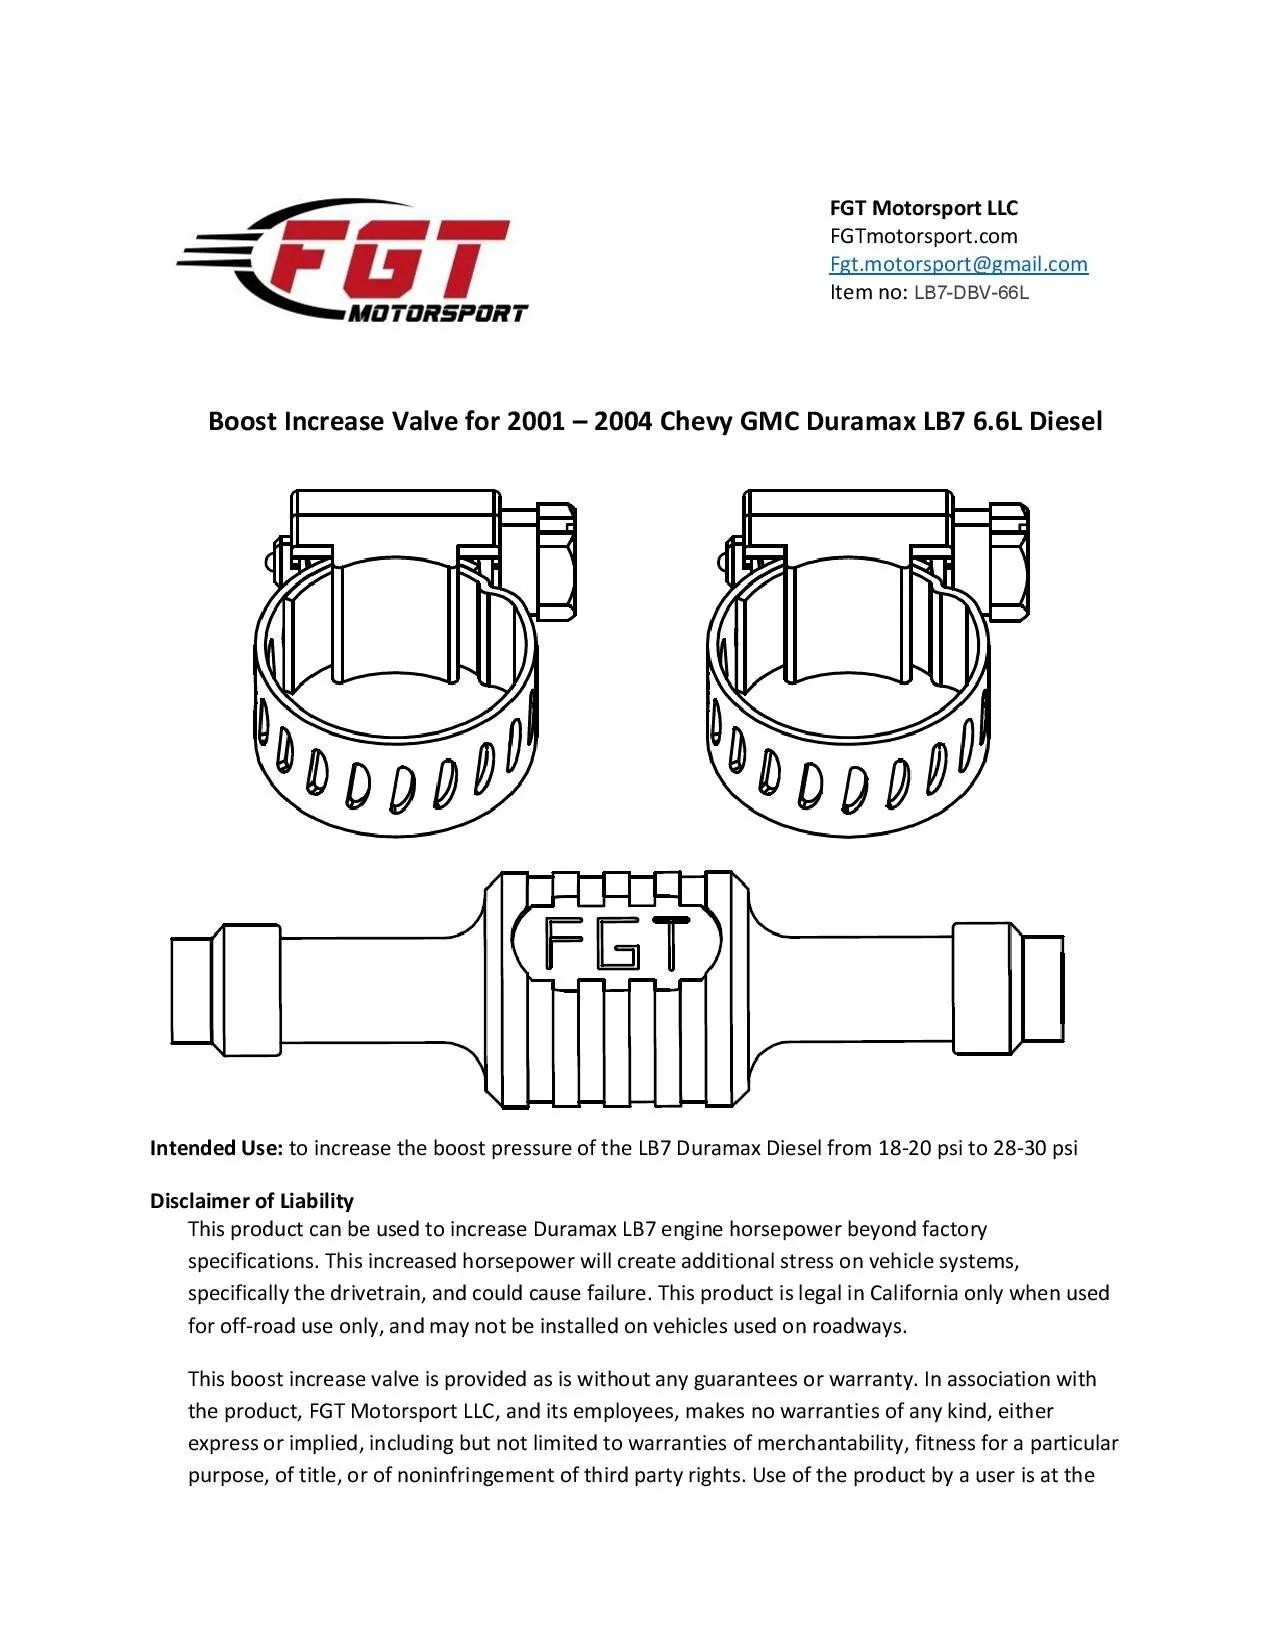 gmc 6 6l duramax diesel engine diagram 11 7 ulrich temme de u2022duramax engine fuel [ 1275 x 1650 Pixel ]